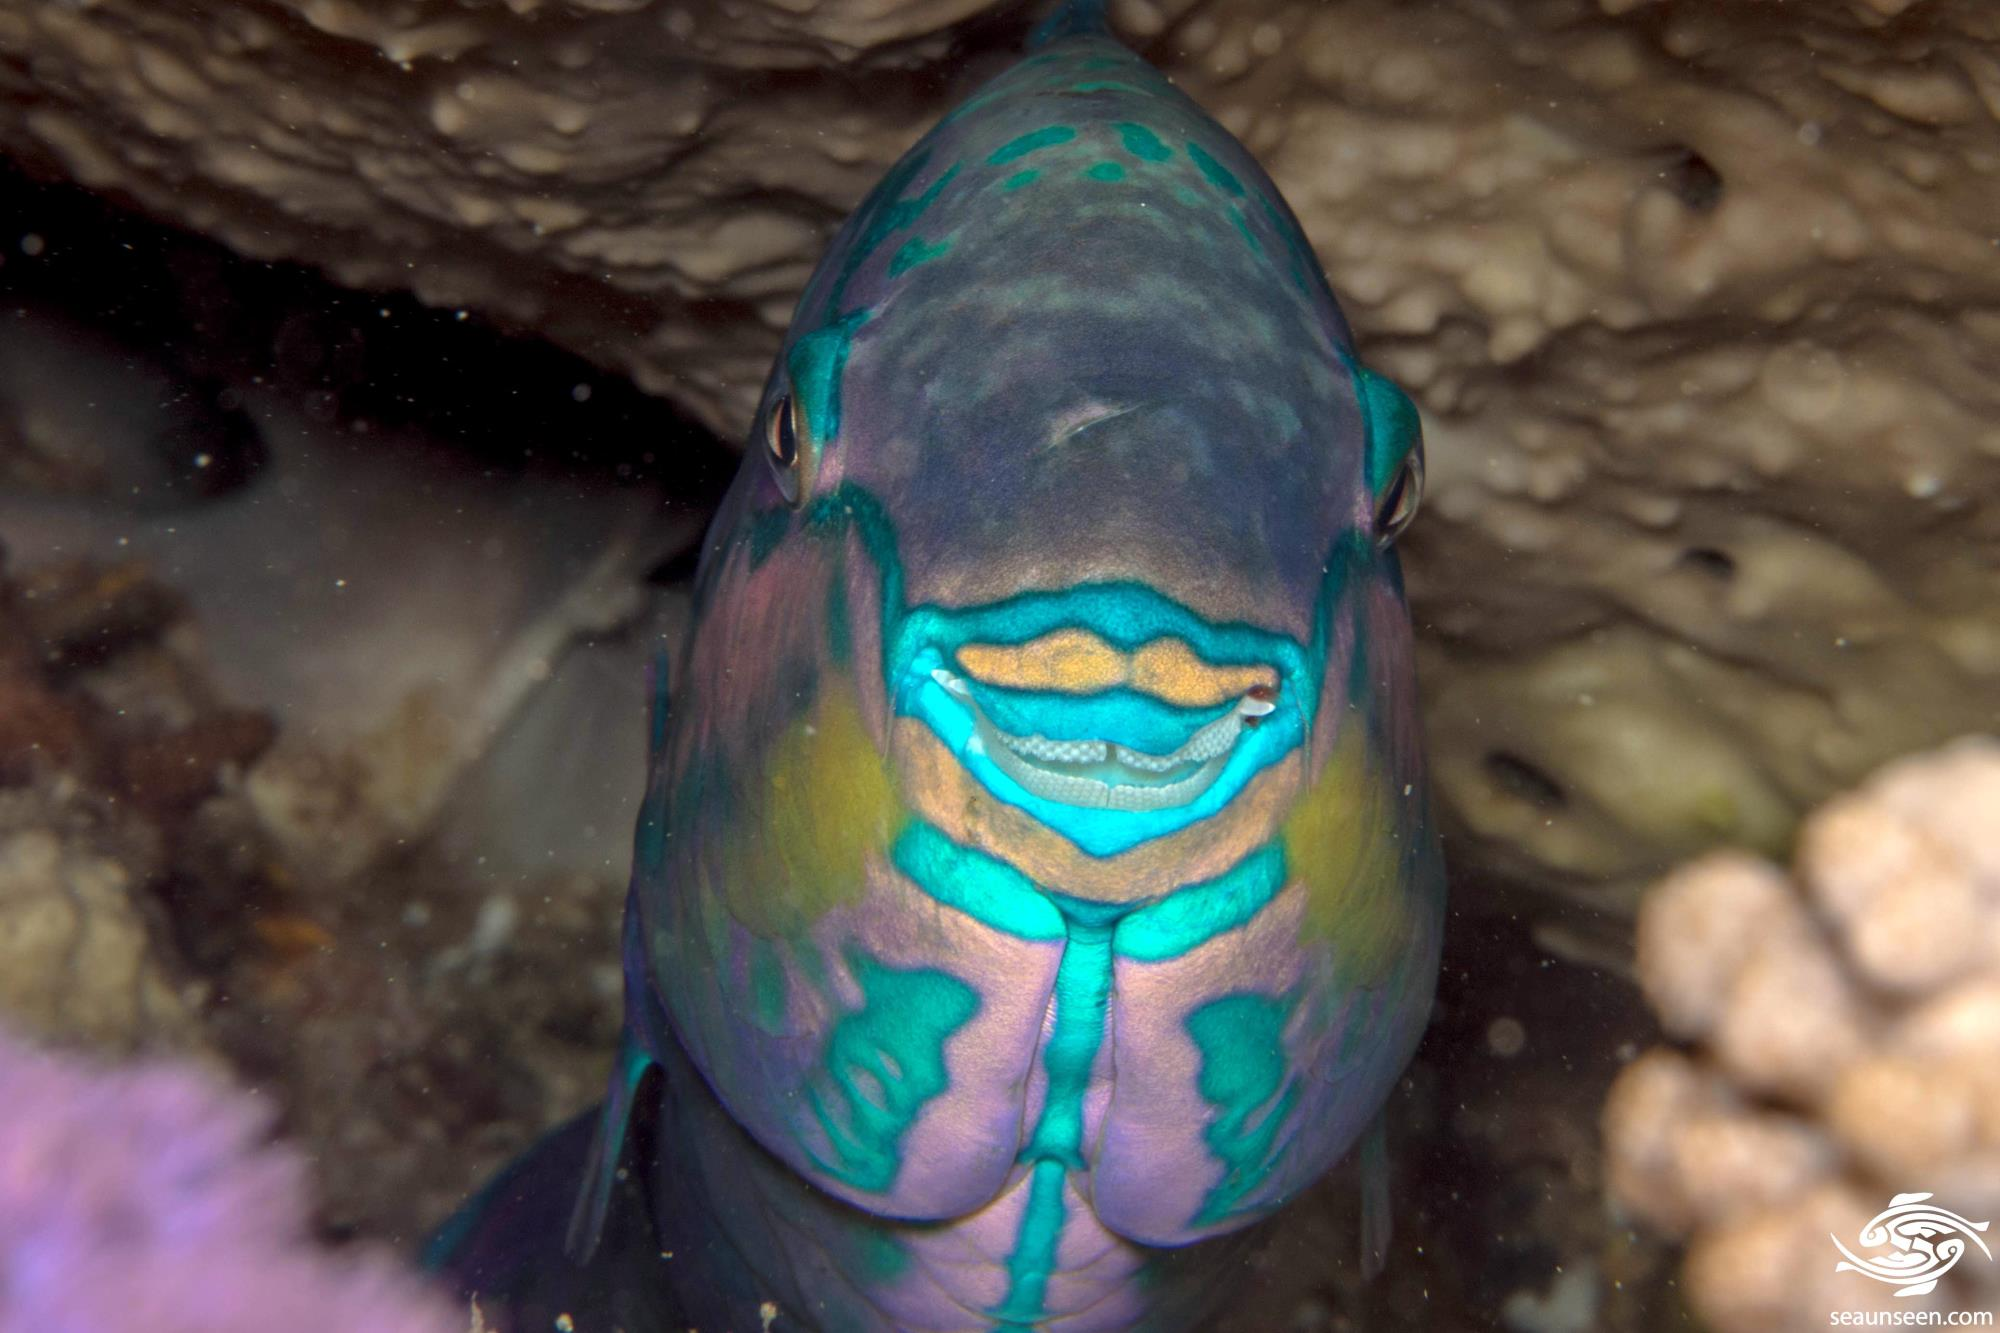 tricolor parrotfish images